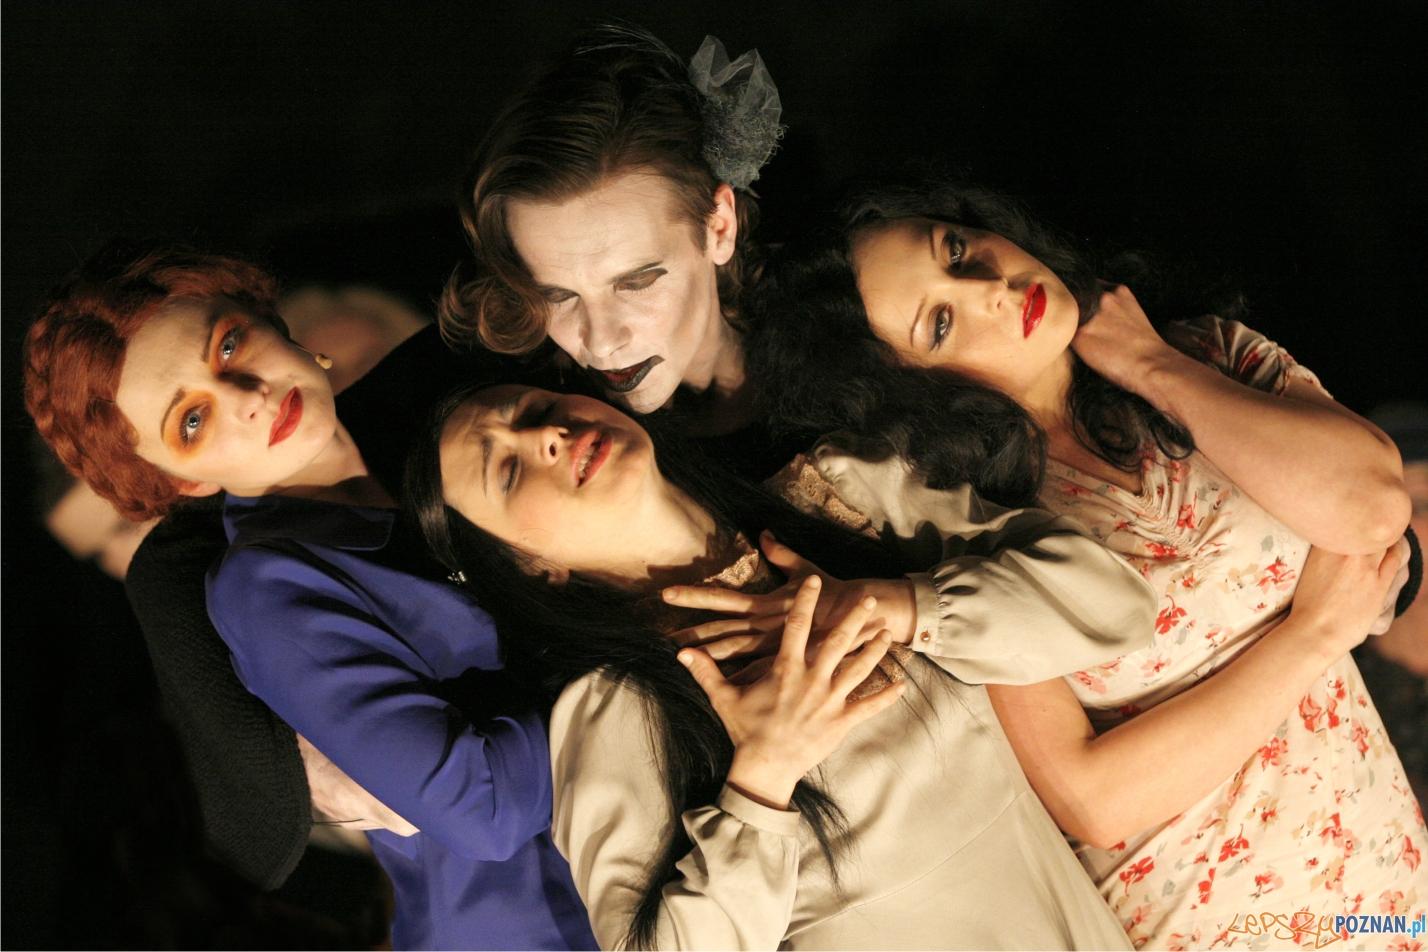 foto: Teatr Nowy / Marta Stawska-Puchalska  Foto: